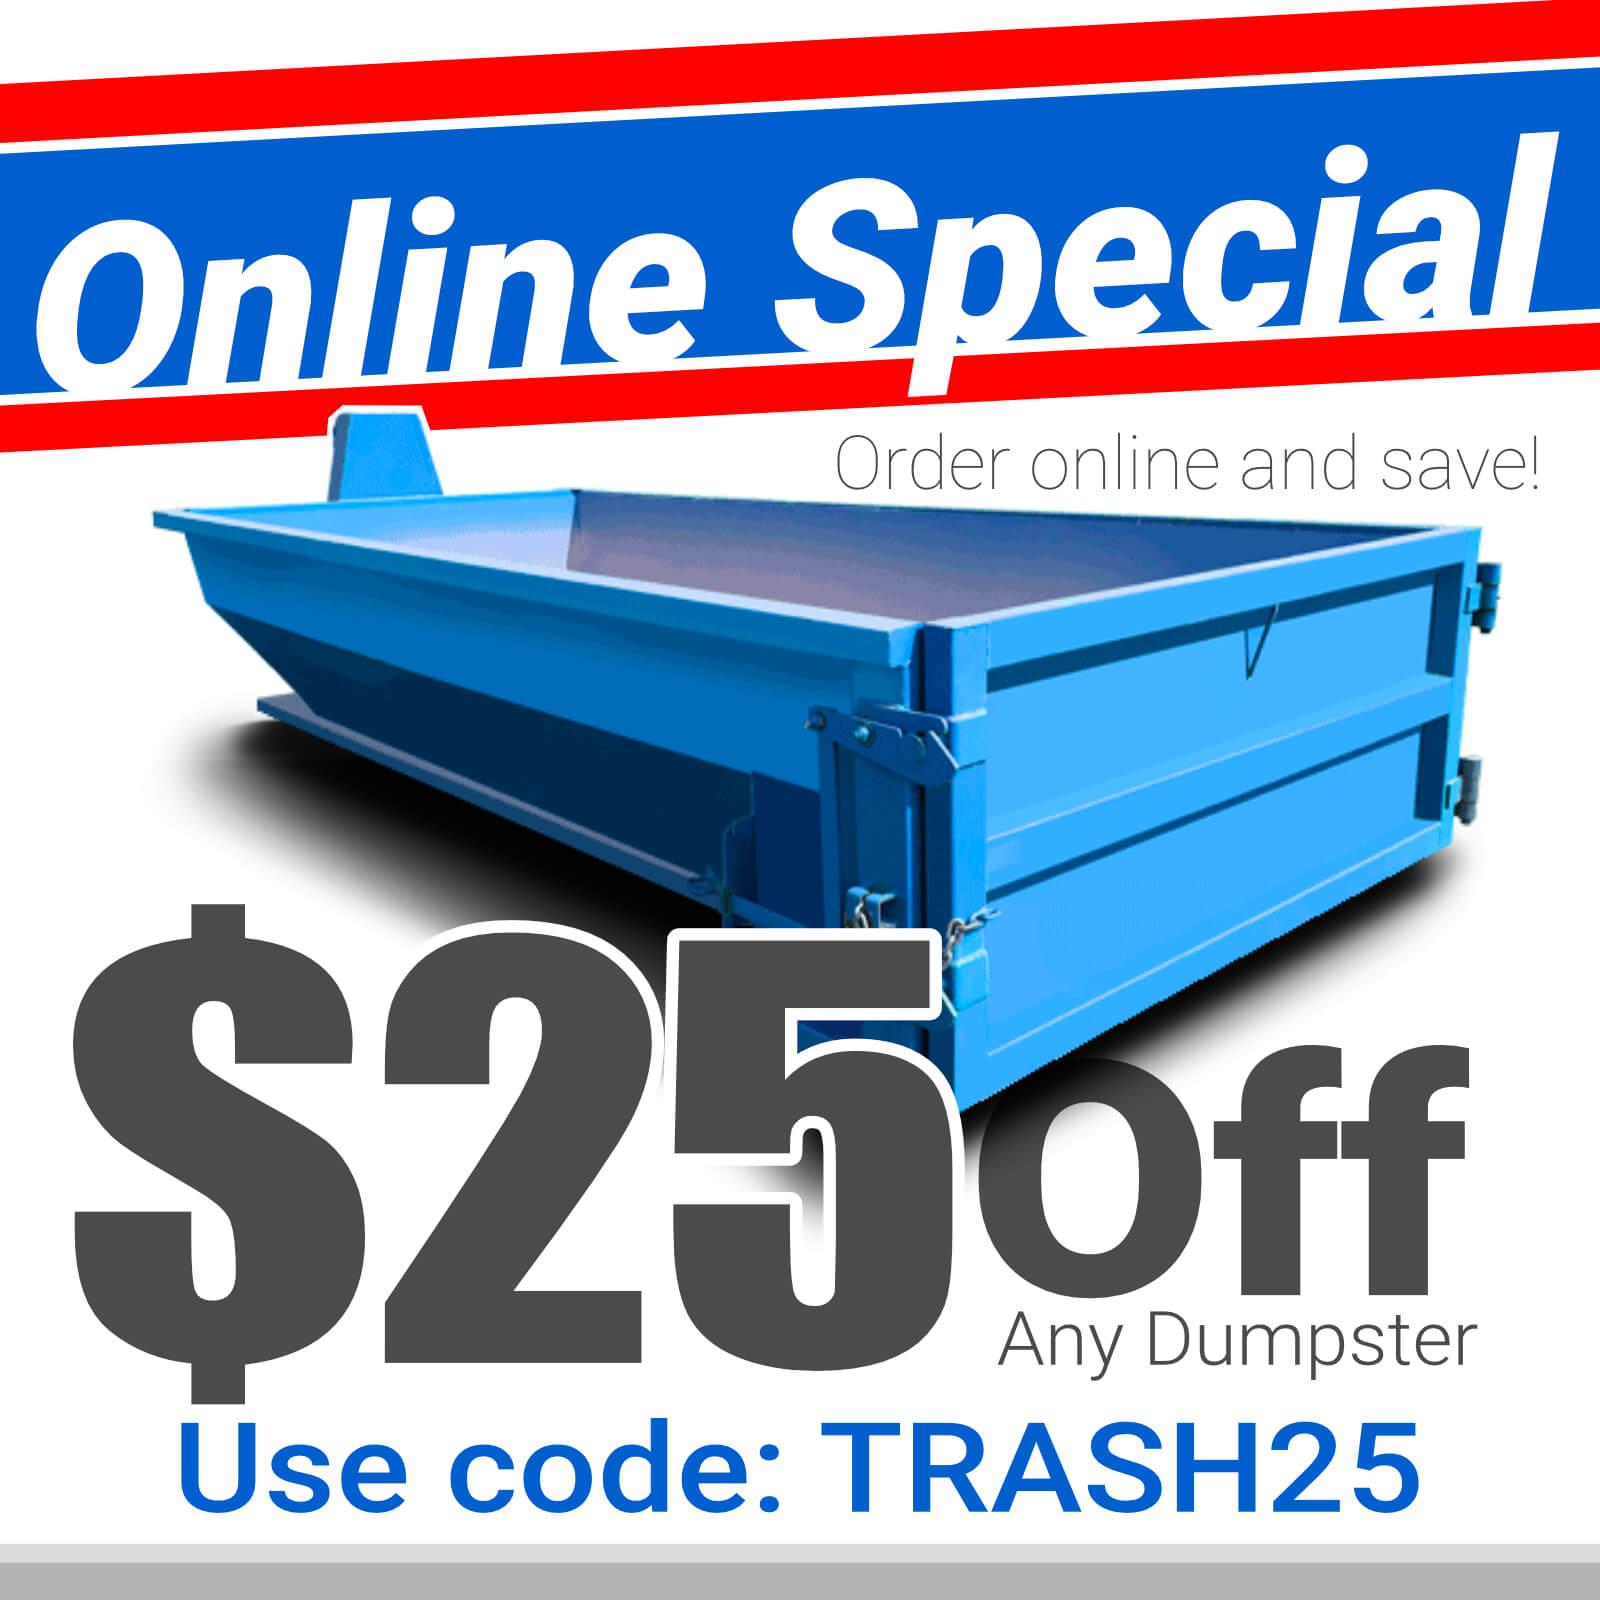 Roll-Off Dumpster Rental Denver - Special Online Discount